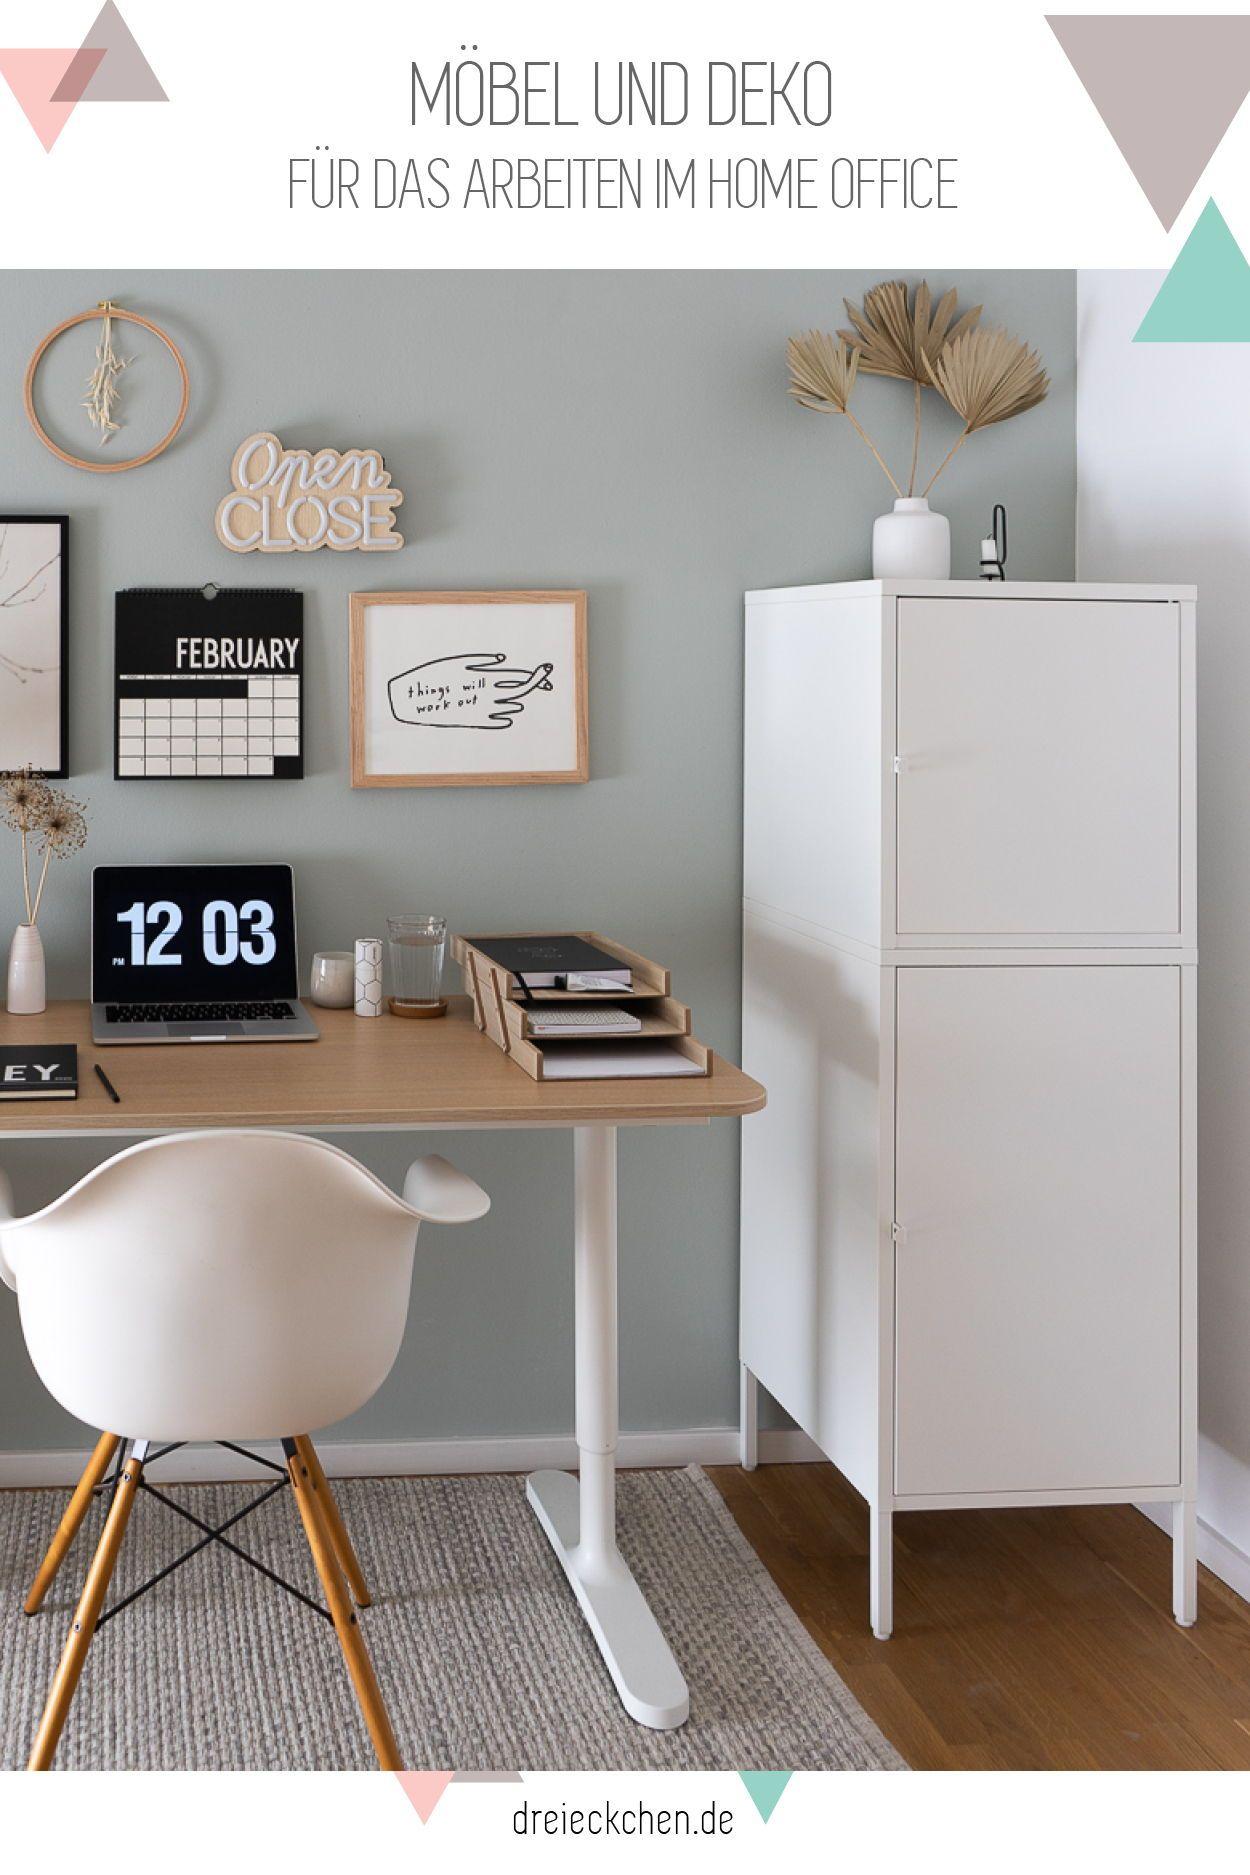 Arbeitszimmer Einrichten Ideen Fur Das Buro Zuhause Blog Dreieckchen In 2021 Arbeitszimmer Einrichten Zimmer Einrichten Ikea Zimmer Einrichten Jugendzimmer